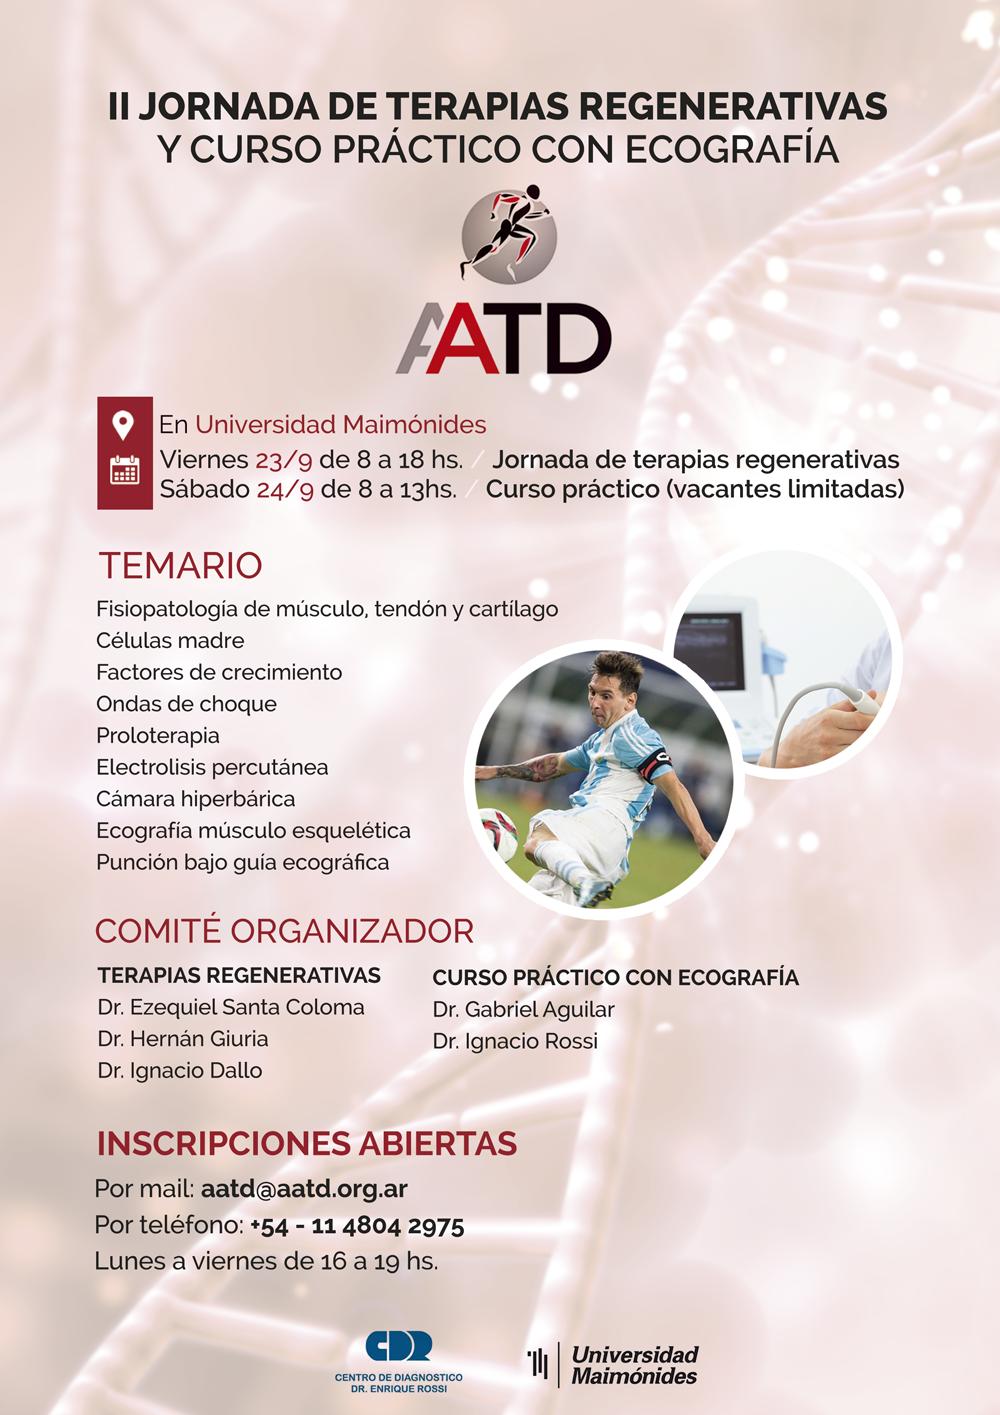 II Jornada de Terapias Regenerativas y Curso Práctico con Ecografia - Afiche oficial del evento